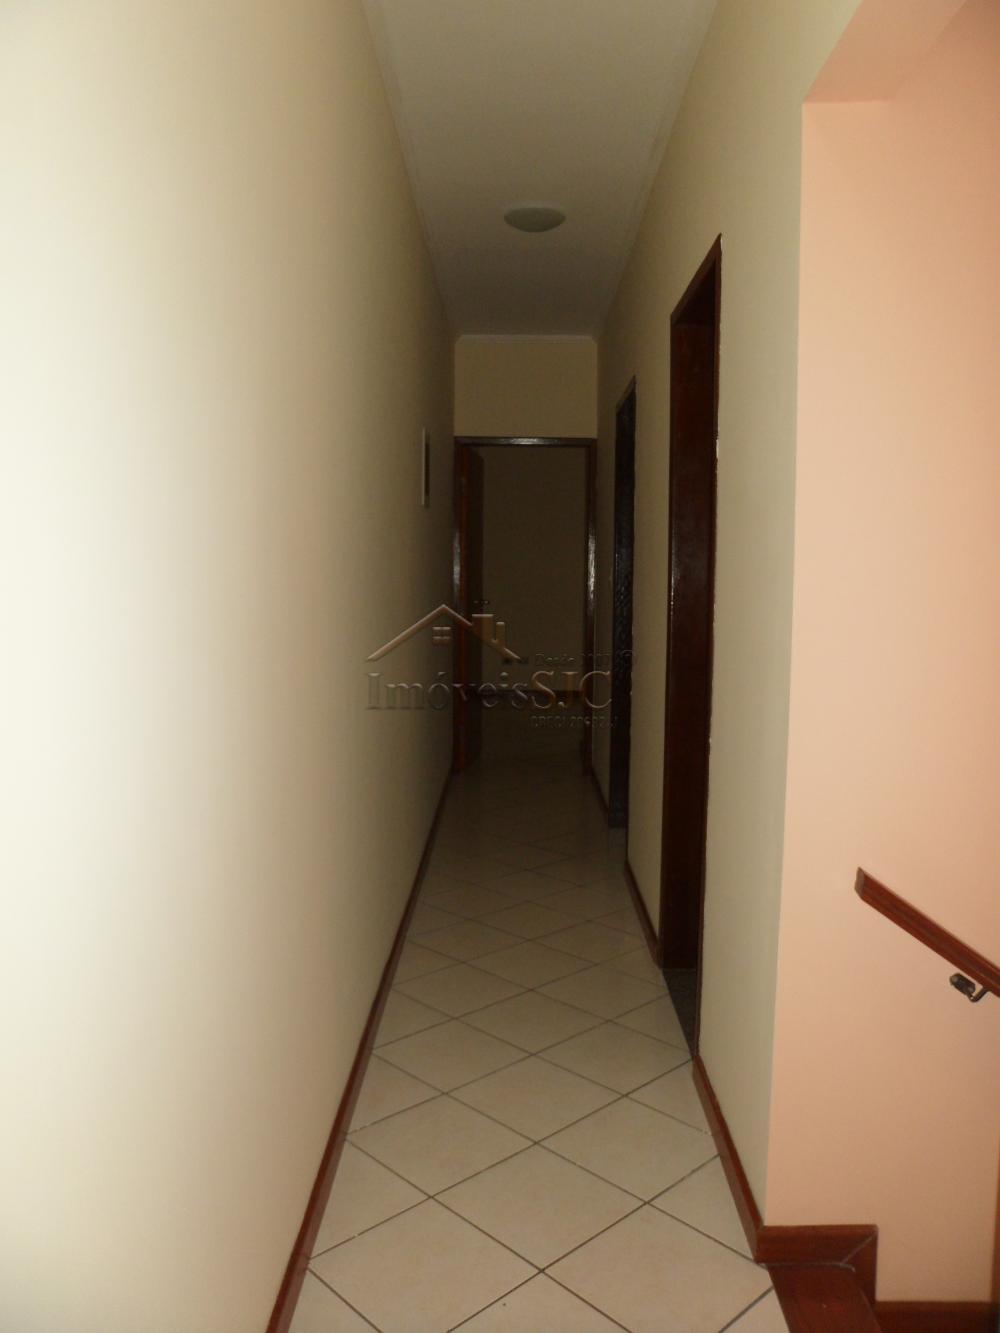 Comprar Casas / Padrão em São José dos Campos apenas R$ 465.000,00 - Foto 9